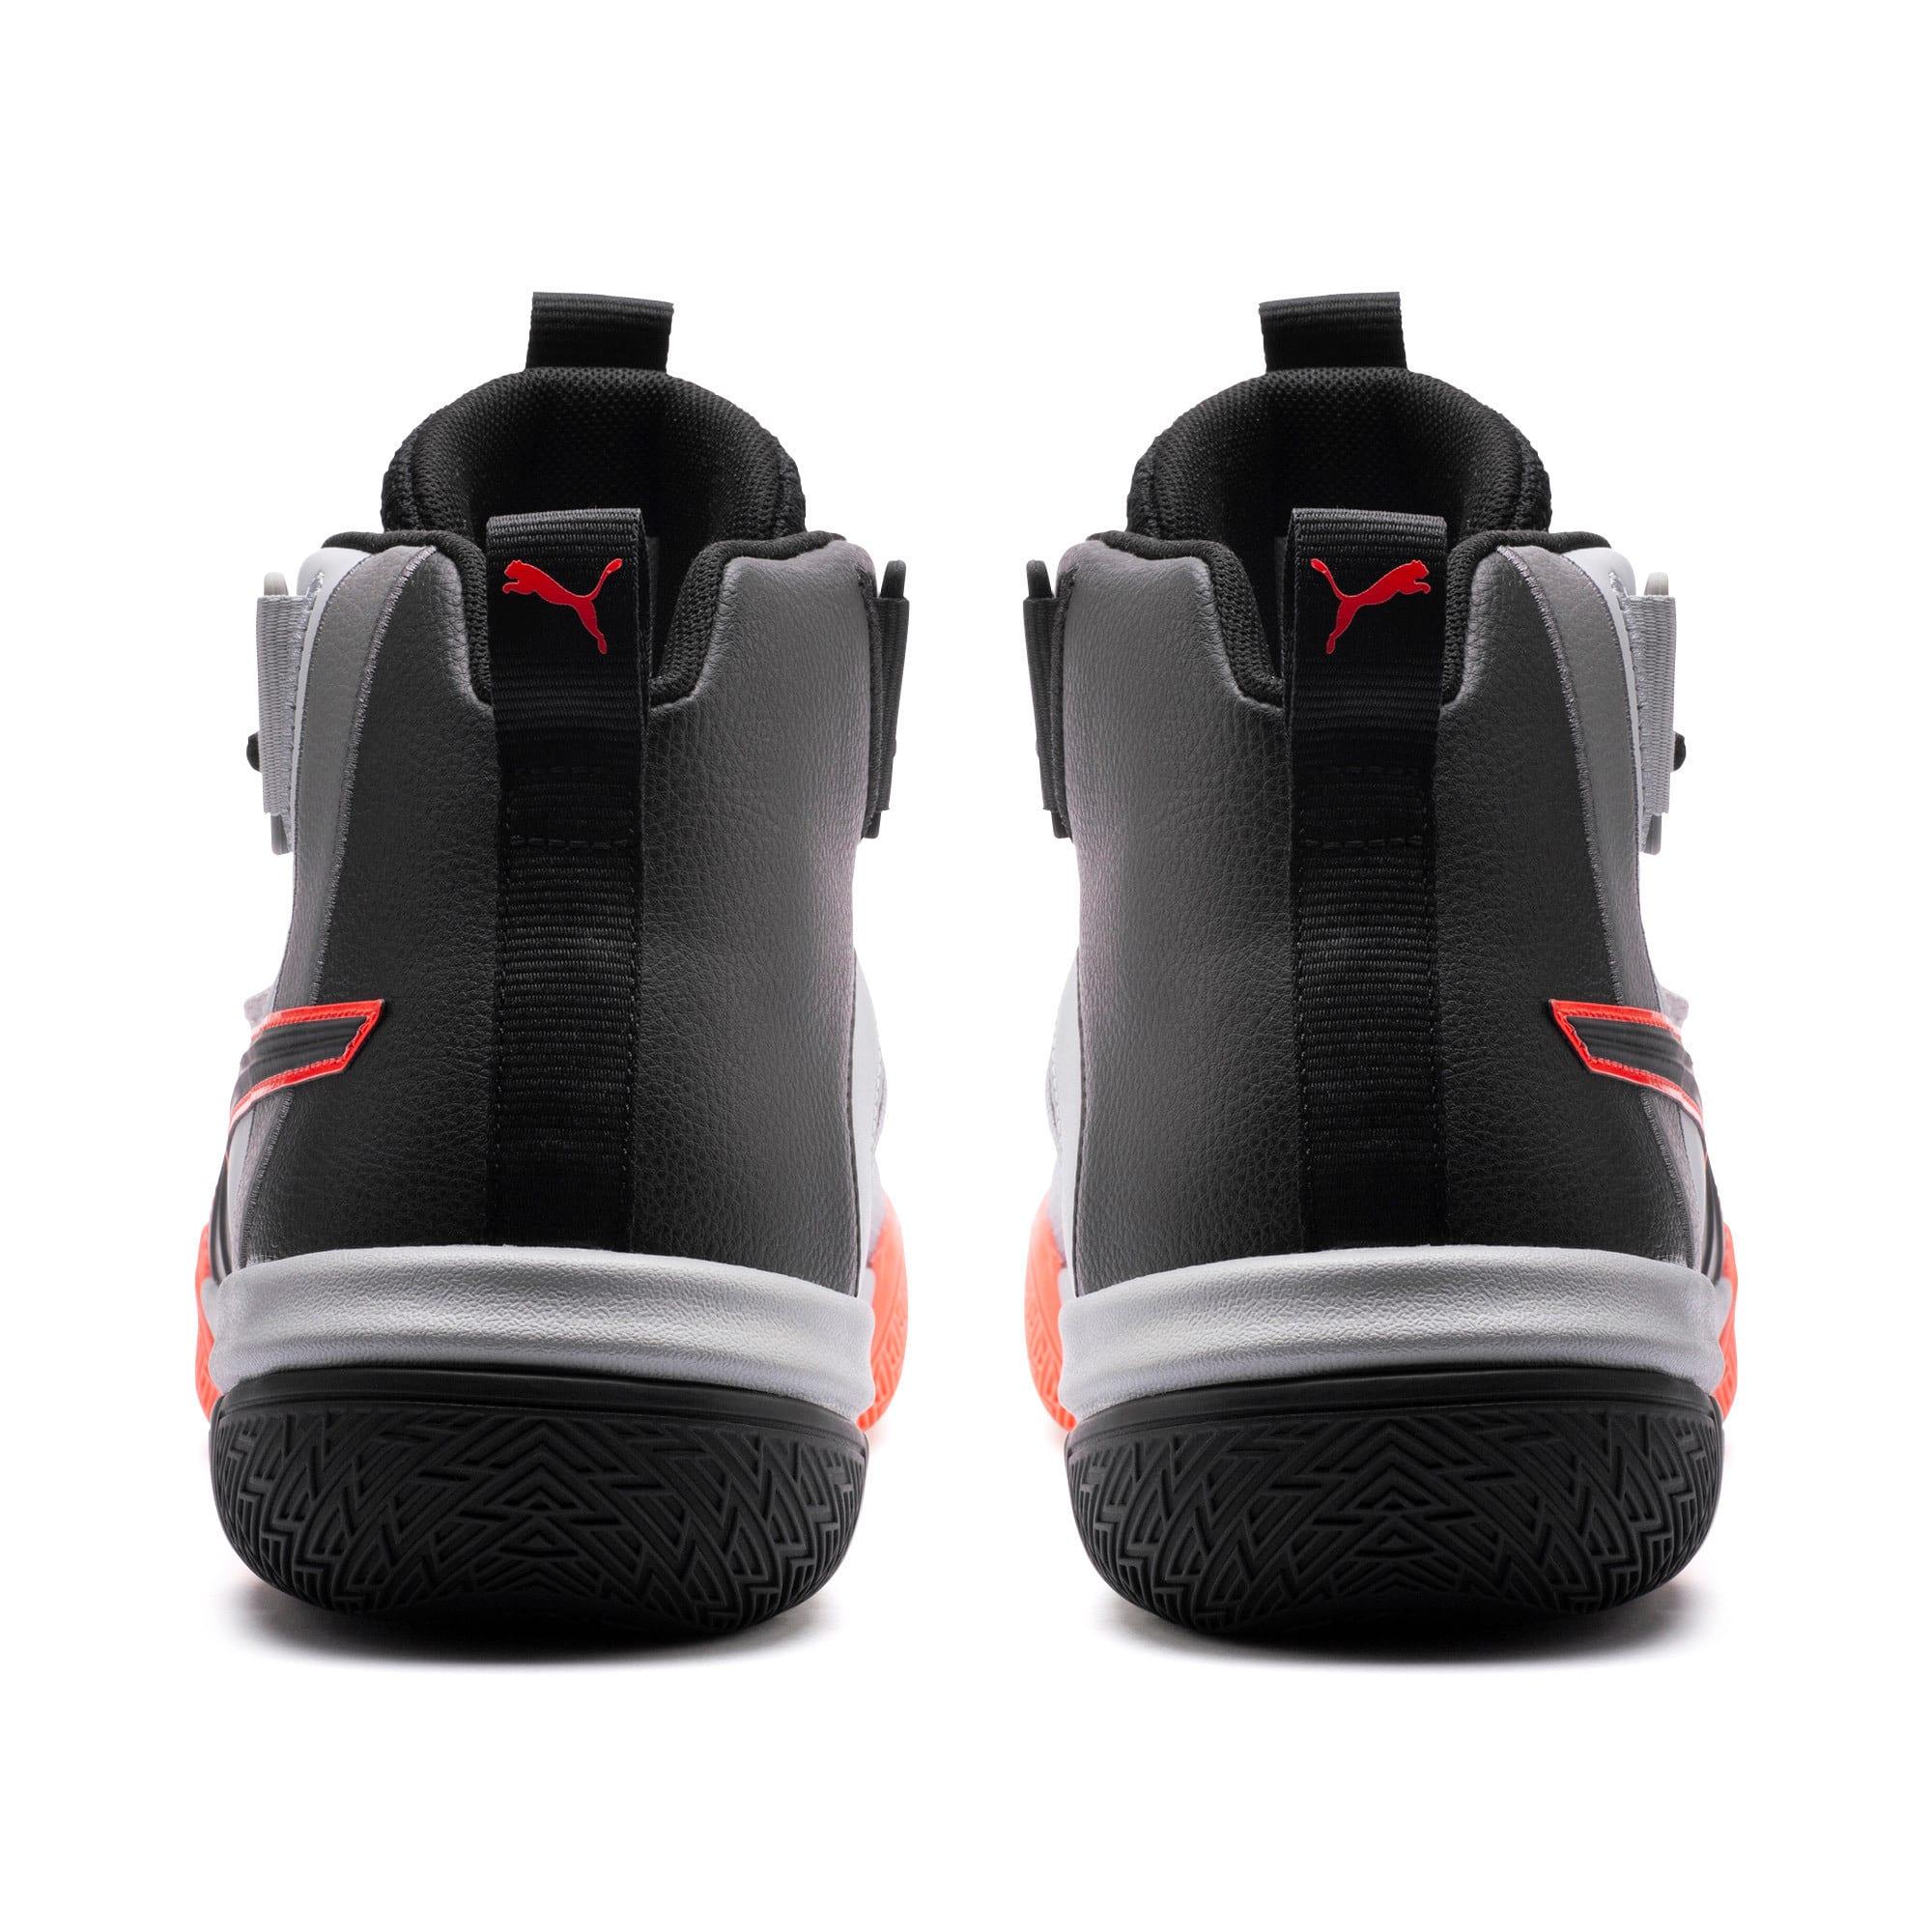 Thumbnail 3 of Chaussure de basket Legacy Disrupt pour homme, Puma Black-Red Blast, medium